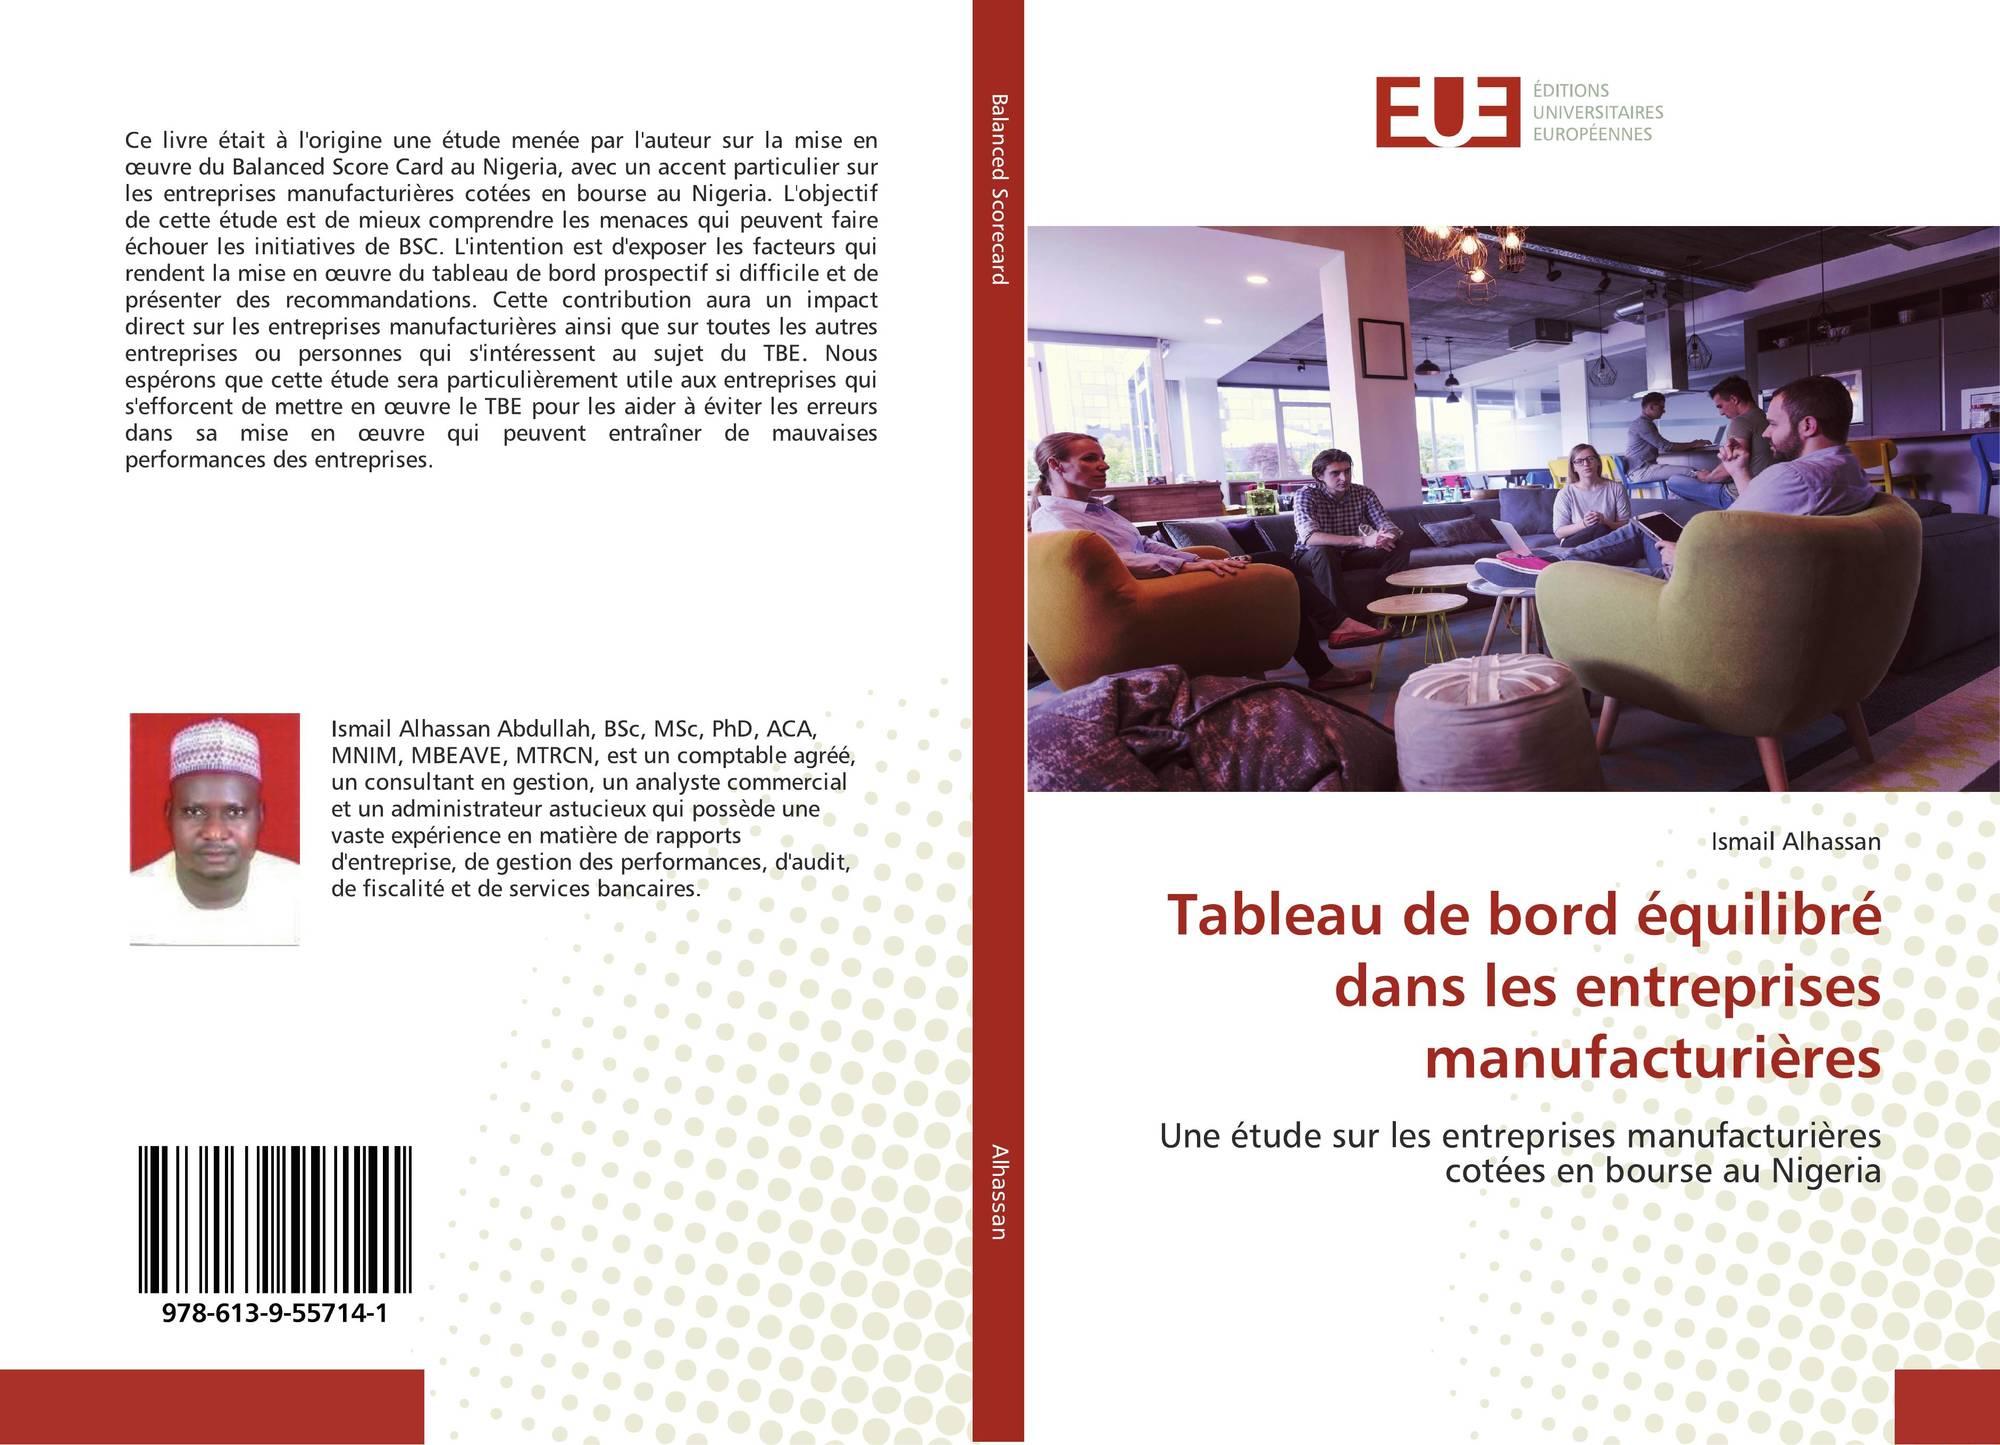 Tableau De Bord Equilibre Dans Les Entreprises Manufacturieres 978 613 9 55714 1 6139557143 9786139557141 Por Ismail Alhassan